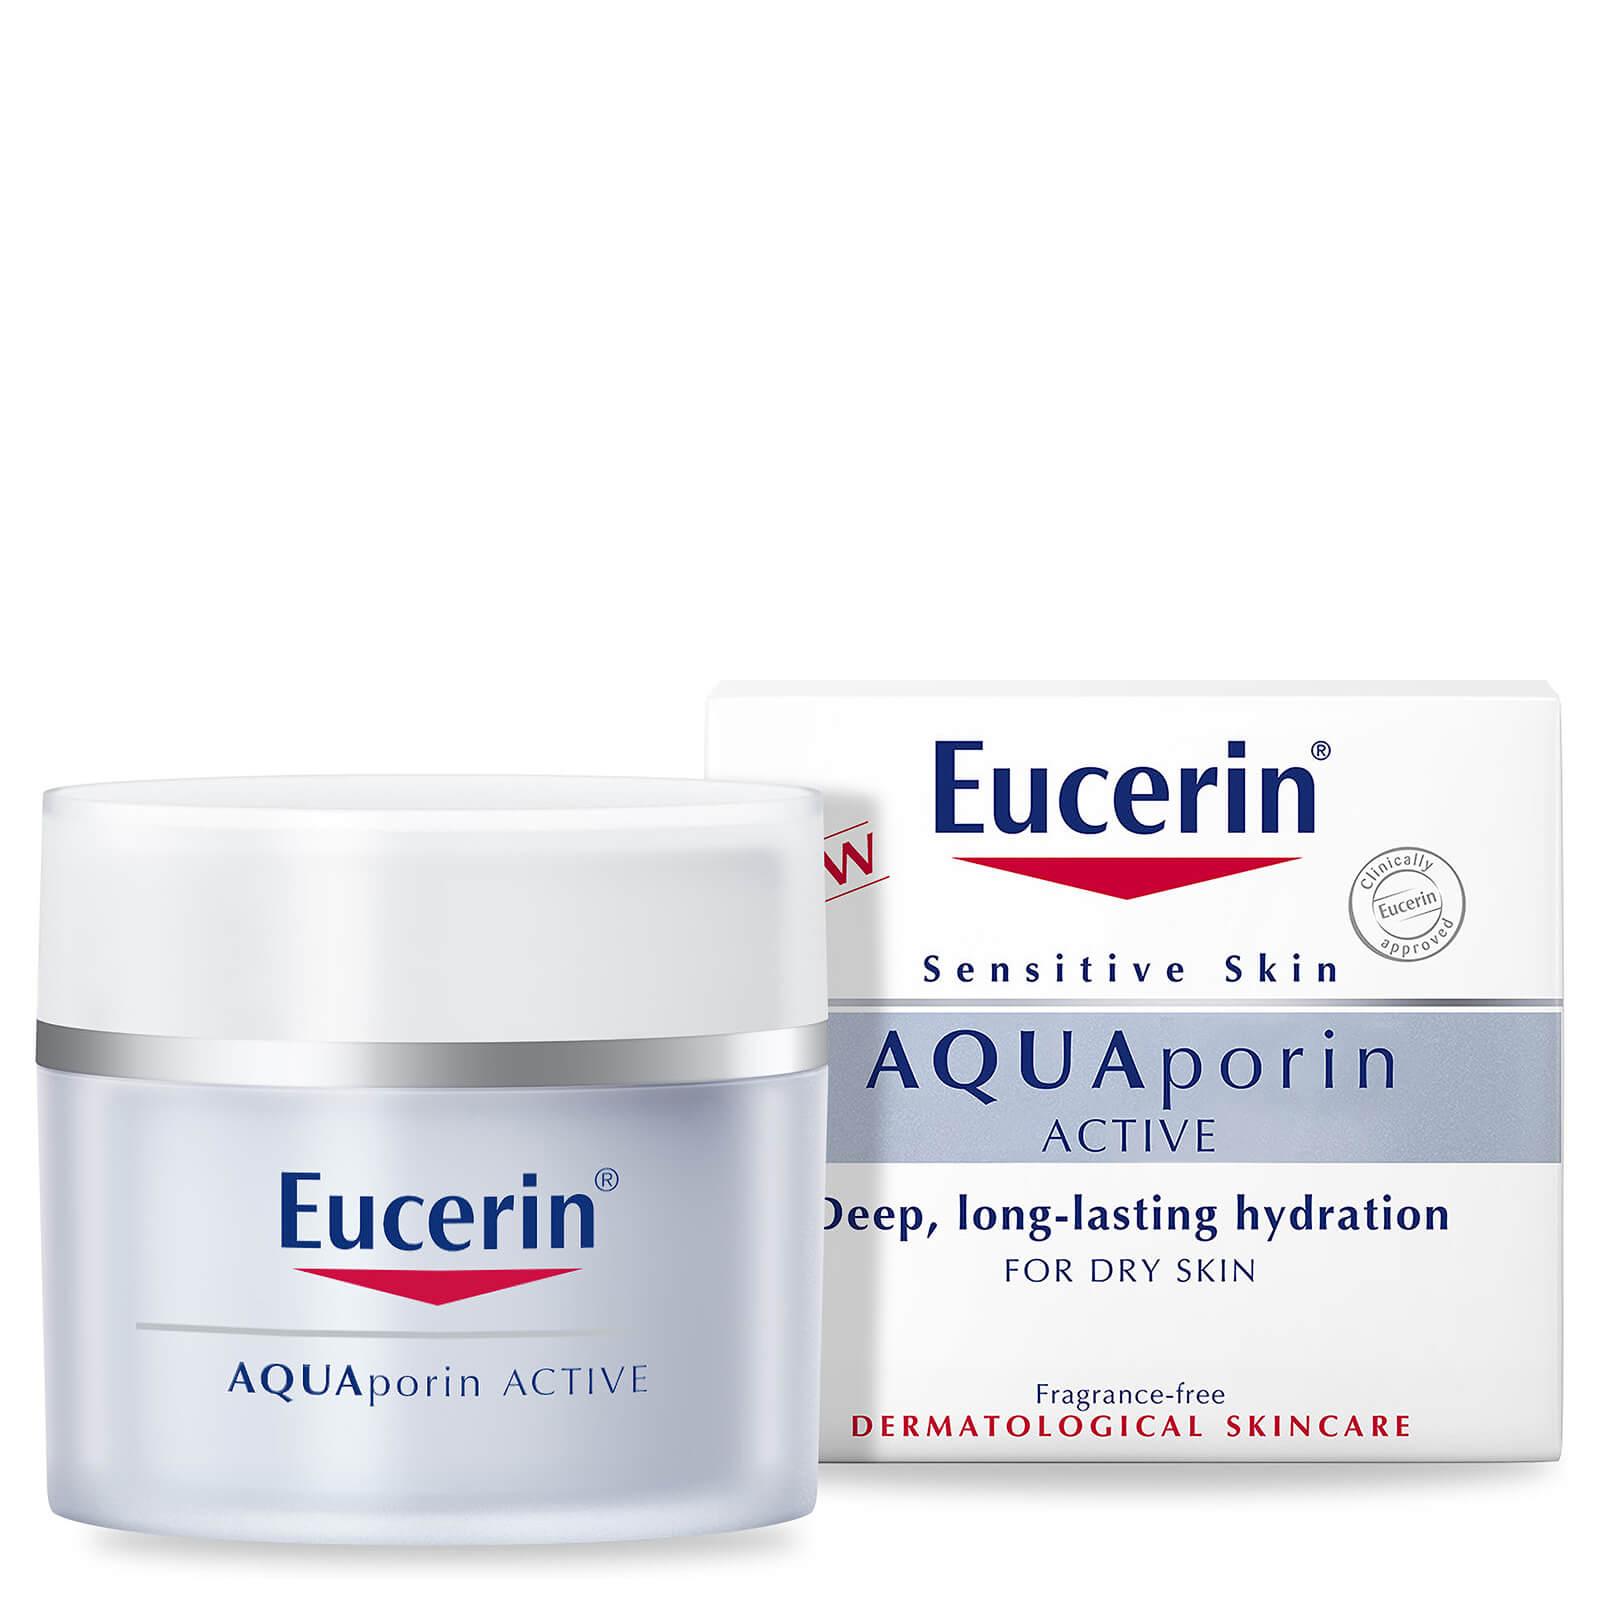 Eucerin® Aquaporin Active pour peaux sèches (50ml)